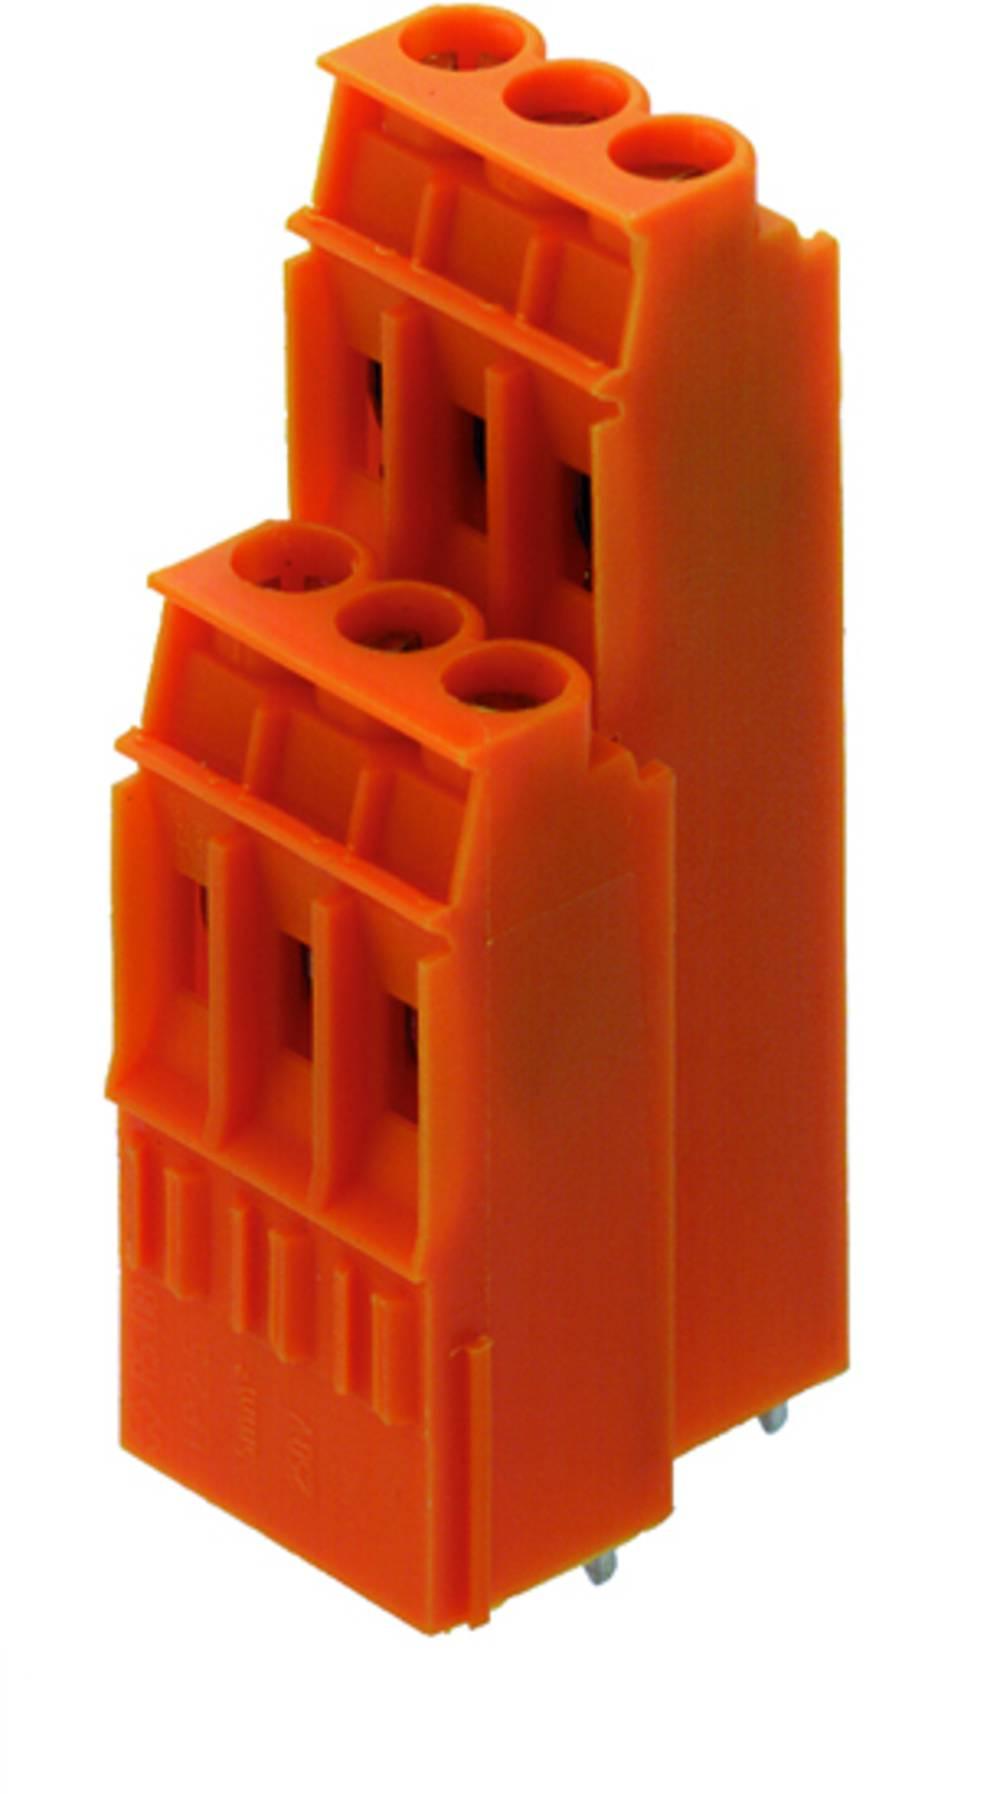 Dobbeltrækkeklemme Weidmüller LP2N 5.08/38/90 3.2SN OR BX 4.00 mm² Poltal 38 Orange 10 stk